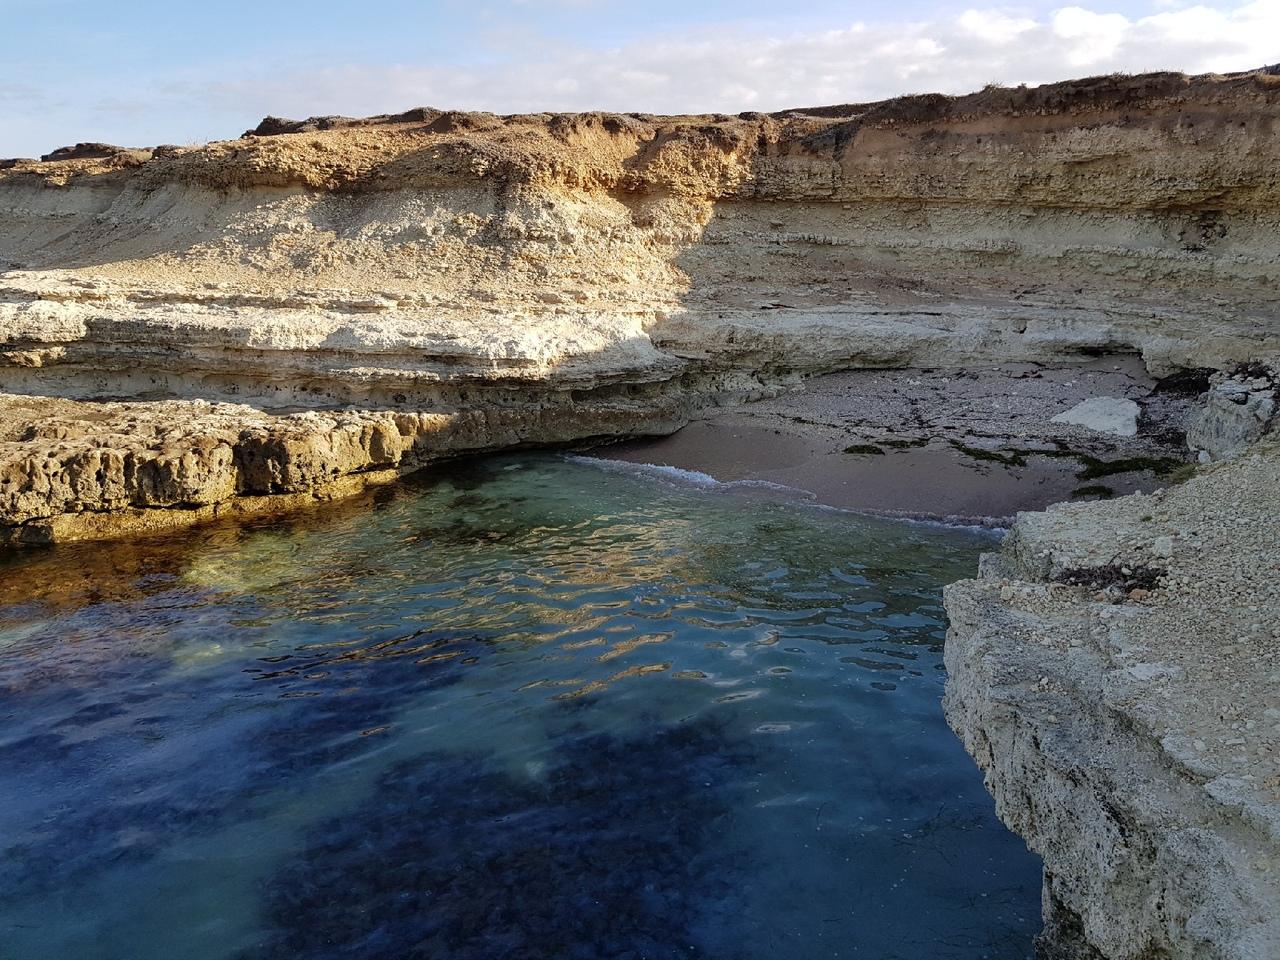 Блог путешественника по Крыму: живописный посёлок Межводное на западном берегу Крыма